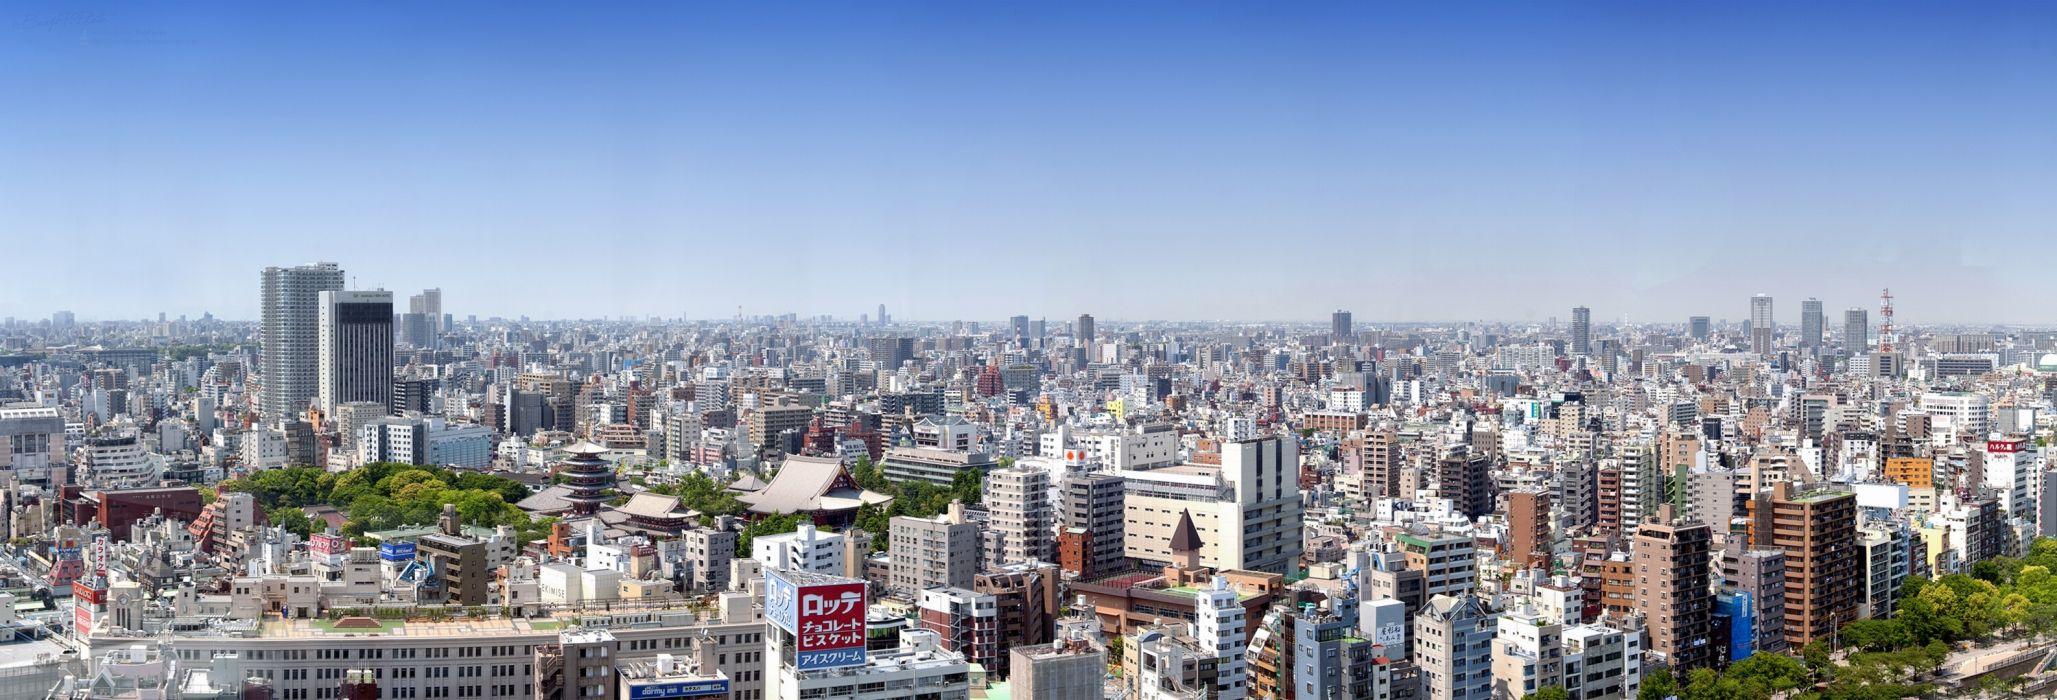 Tokyo Japan panorama buildings multi dual wallpaper